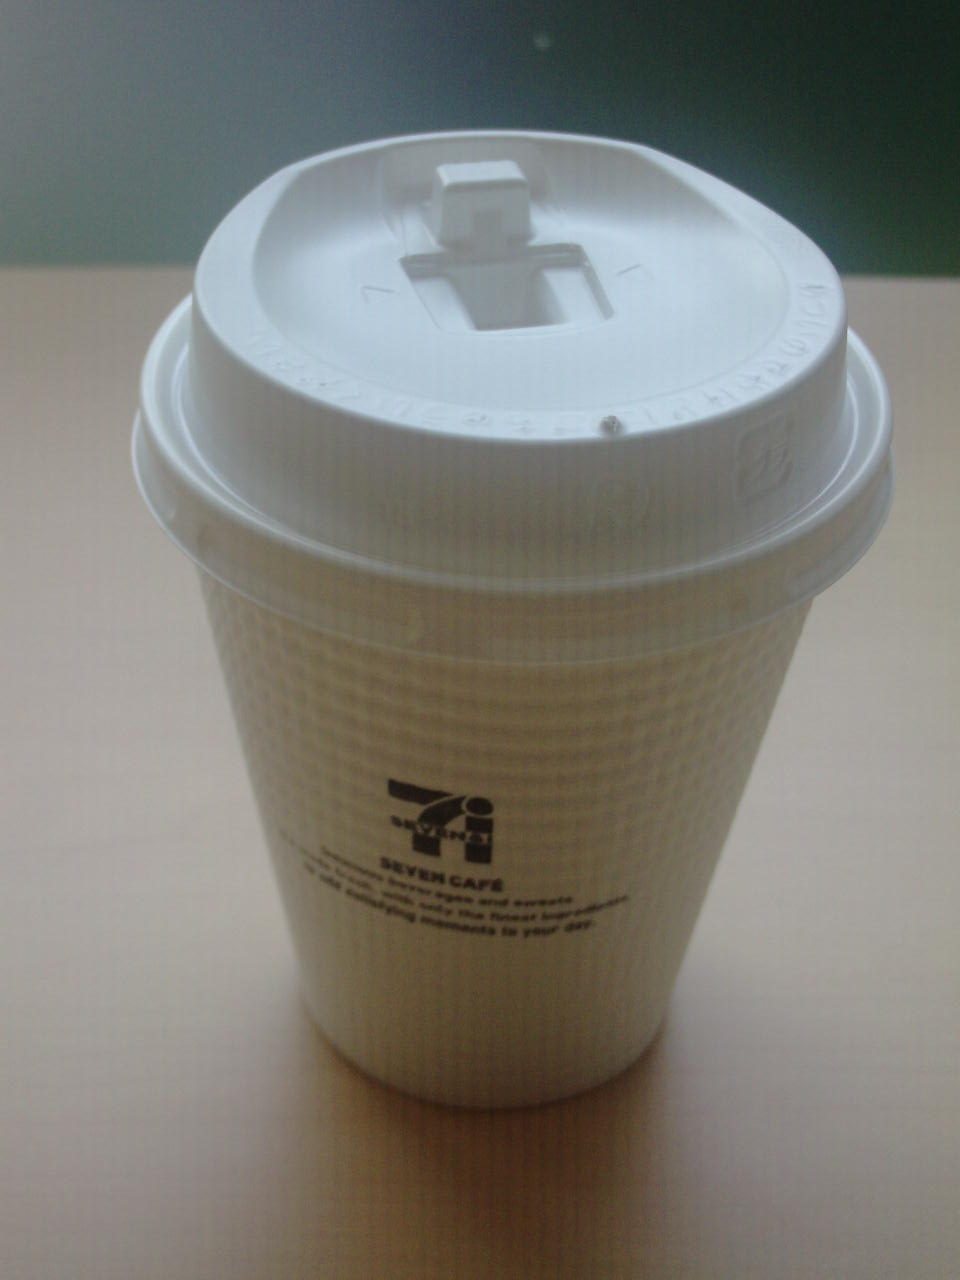 セブンイレブンの本格コーヒーがすごい!おいしさの秘訣をまとめ!のサムネイル画像